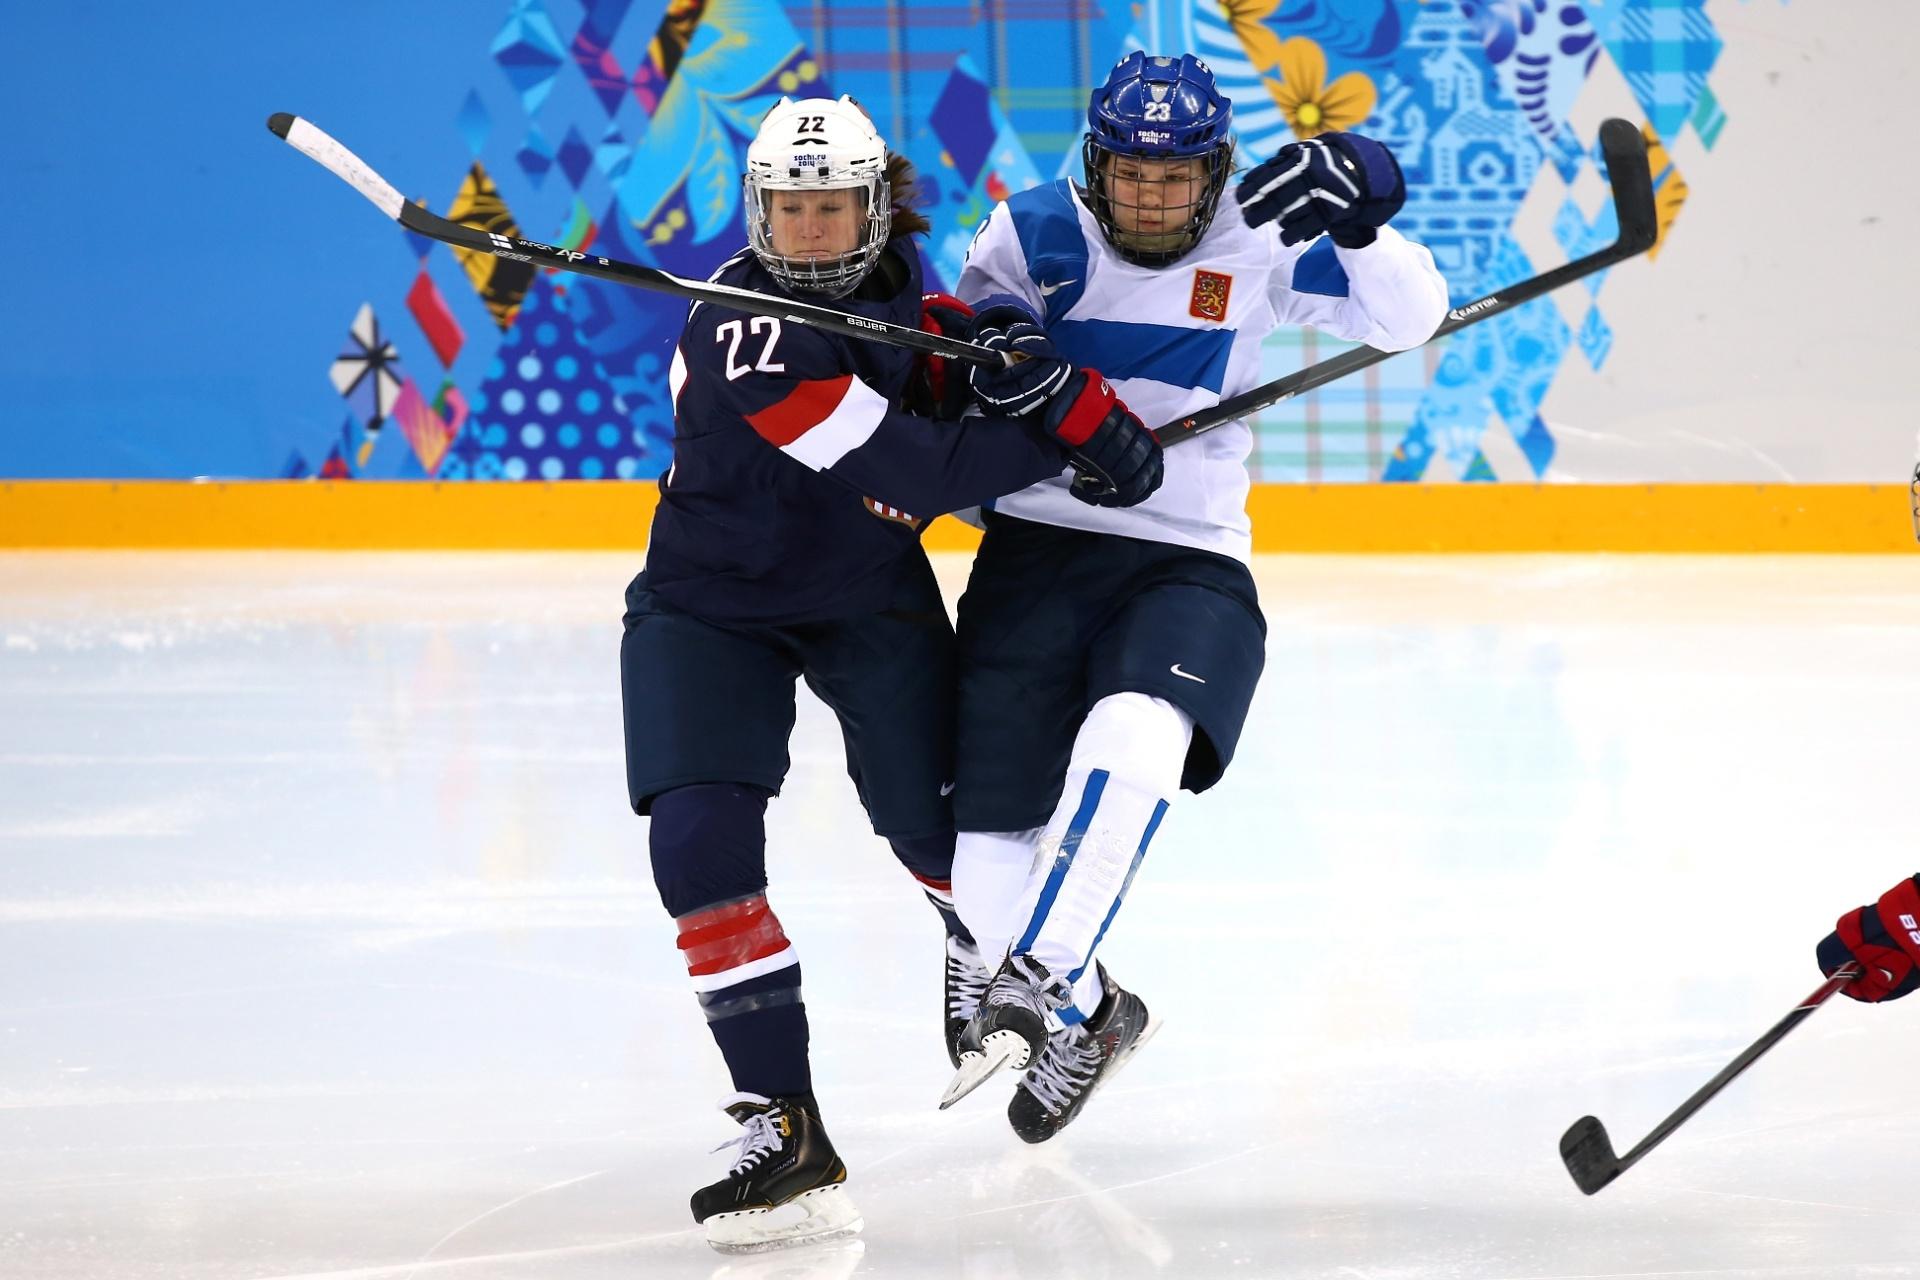 08.02.2014 - Kacey Bellamy, dos Estados Unidos, empurra Nina Tikkinen, da Finlândia